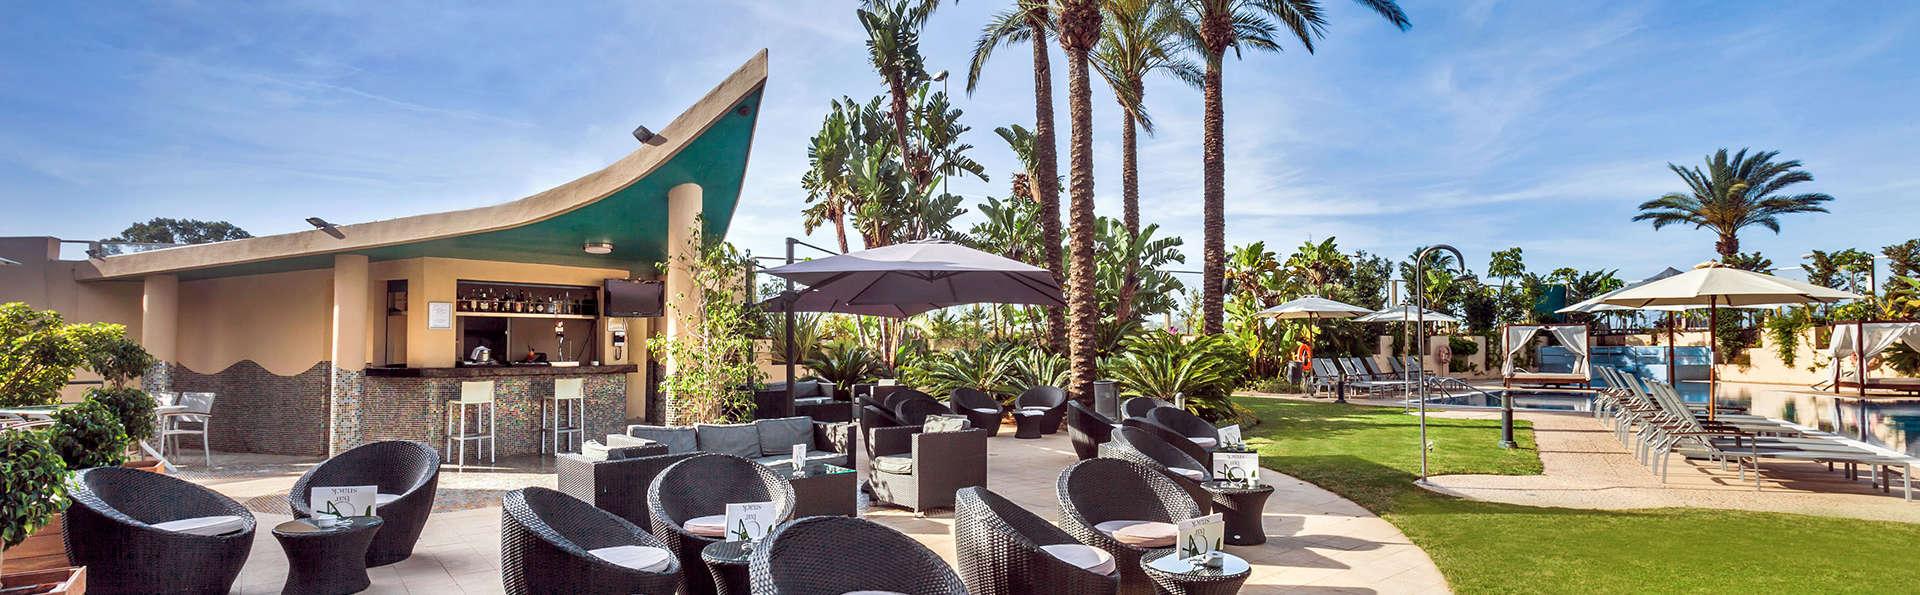 Week-end avec dîner, spa et détente à Estepona